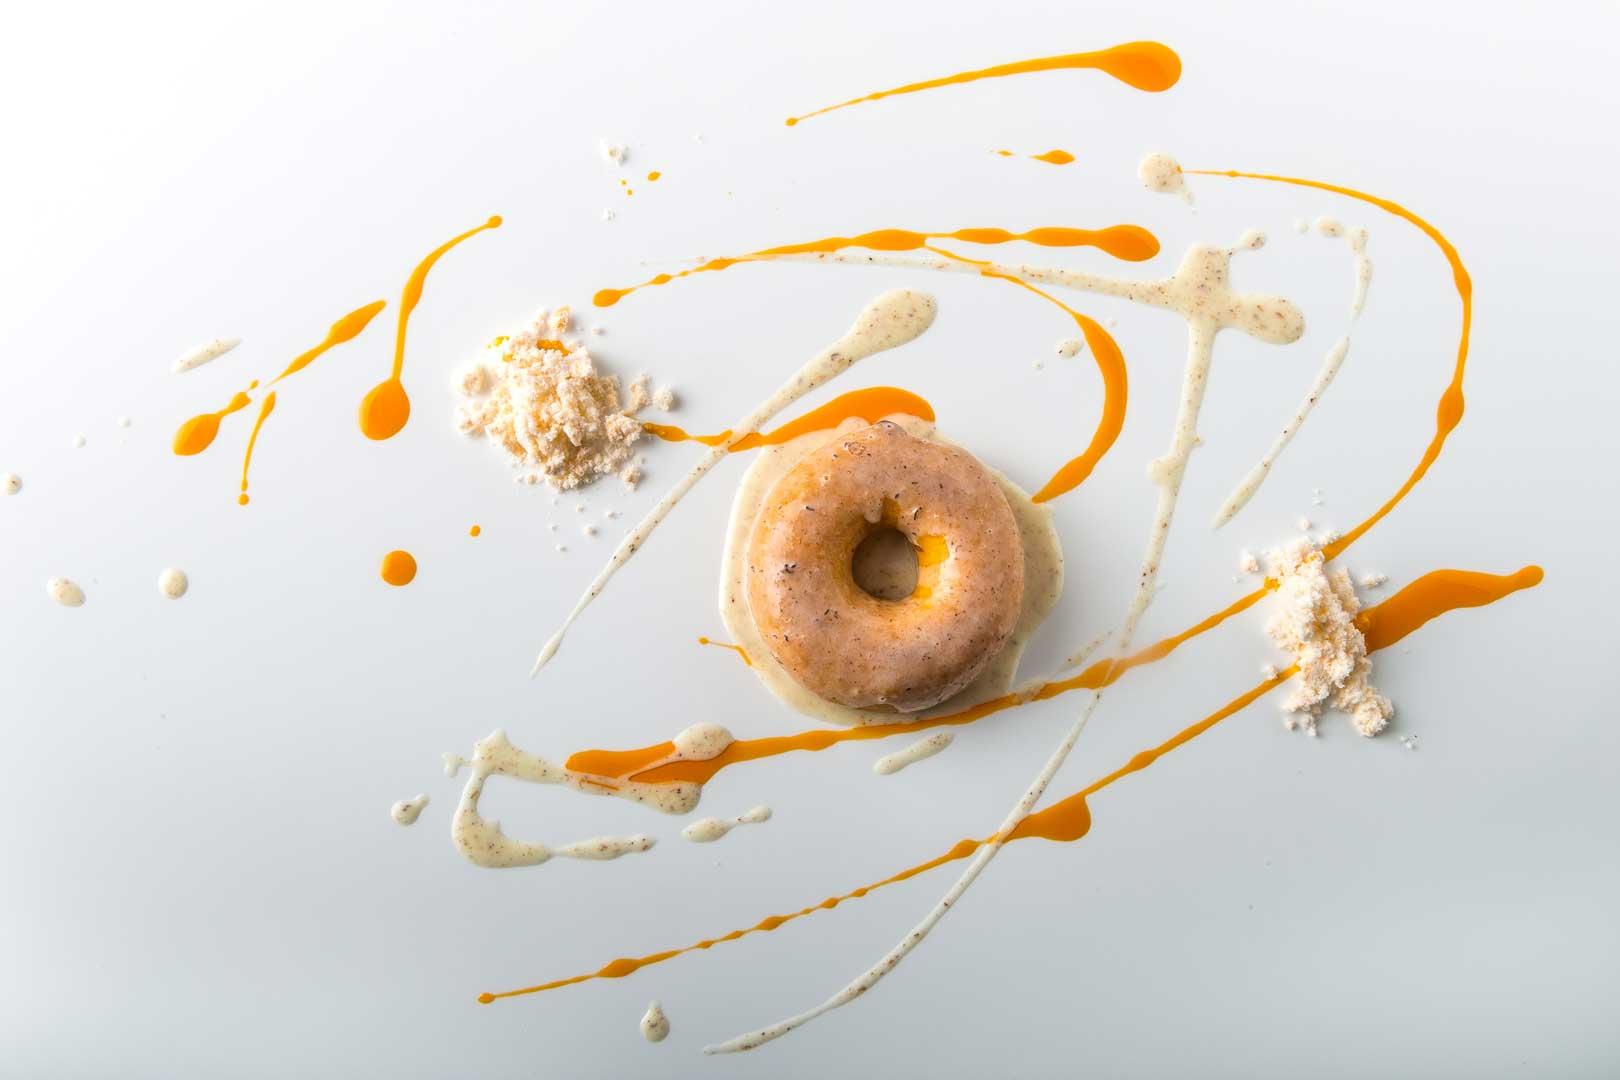 Contraste - Donut alla bolognese | Christian Paravicini